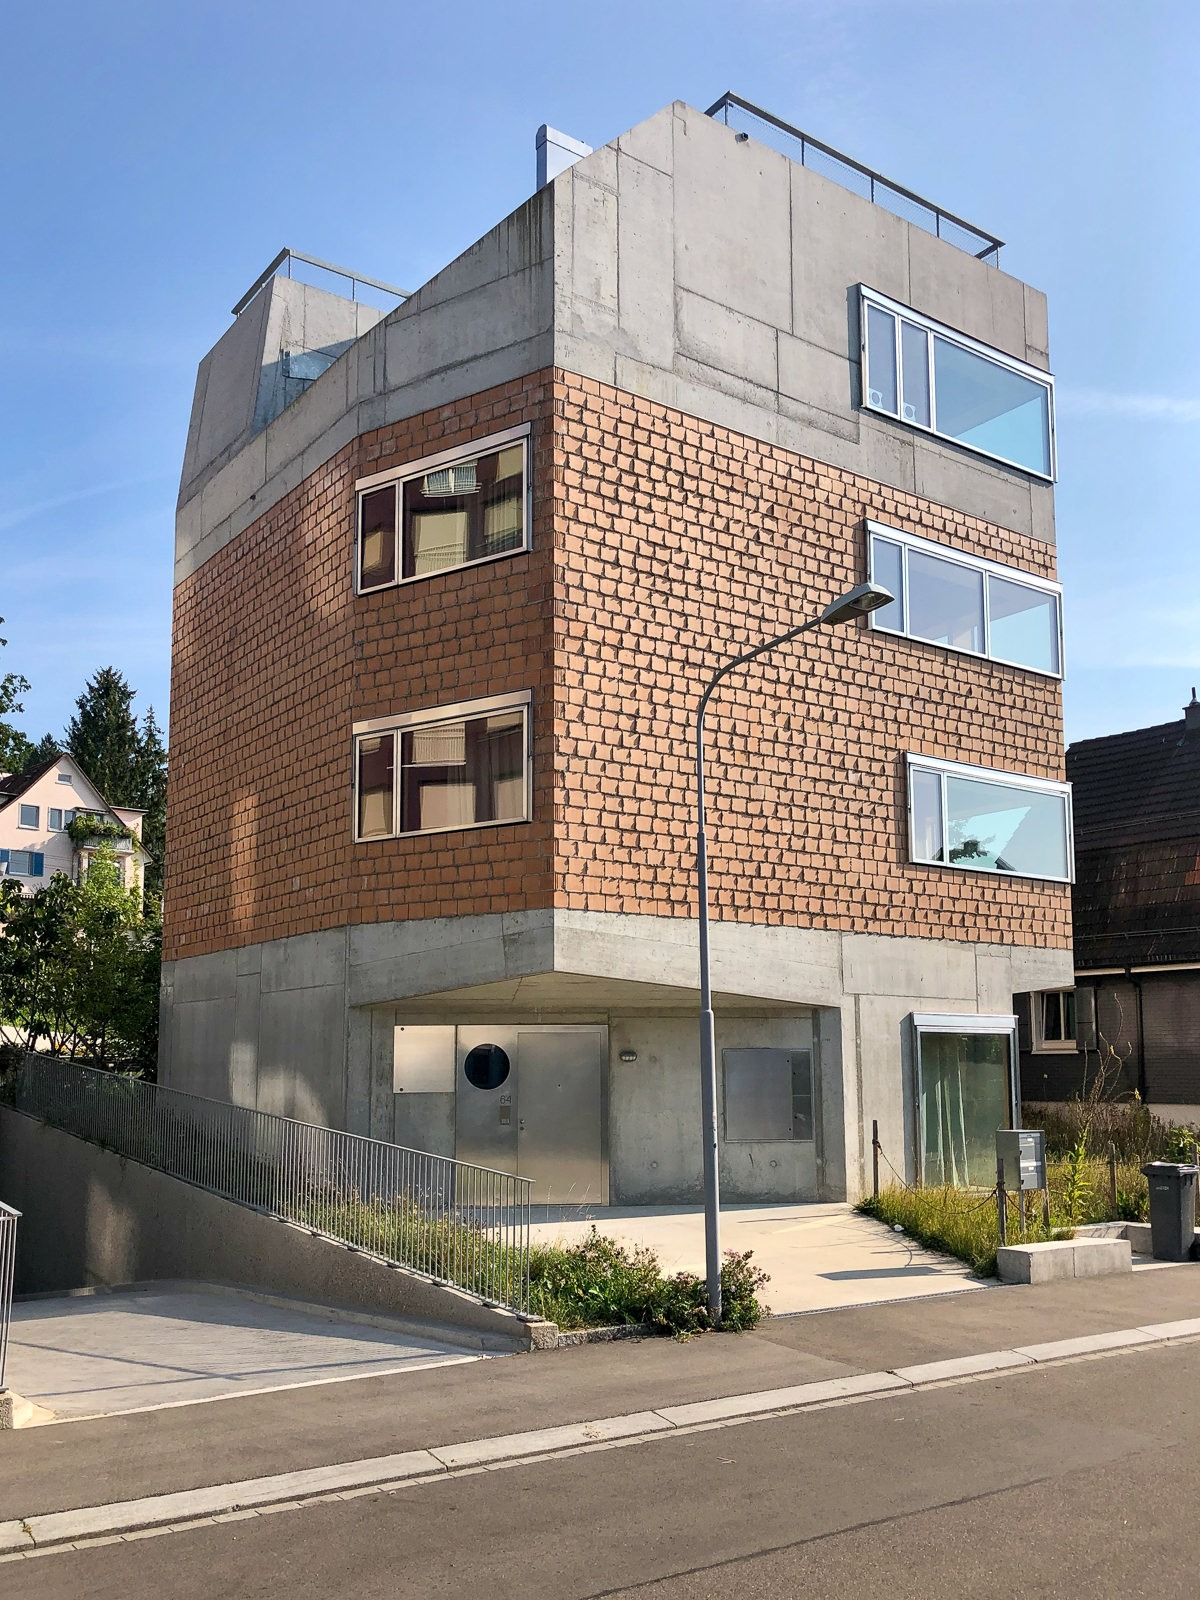 Haus Alder Zürich Gasser Ceramic Backstein I+L glatt Fuhrimann Hächler Architekten